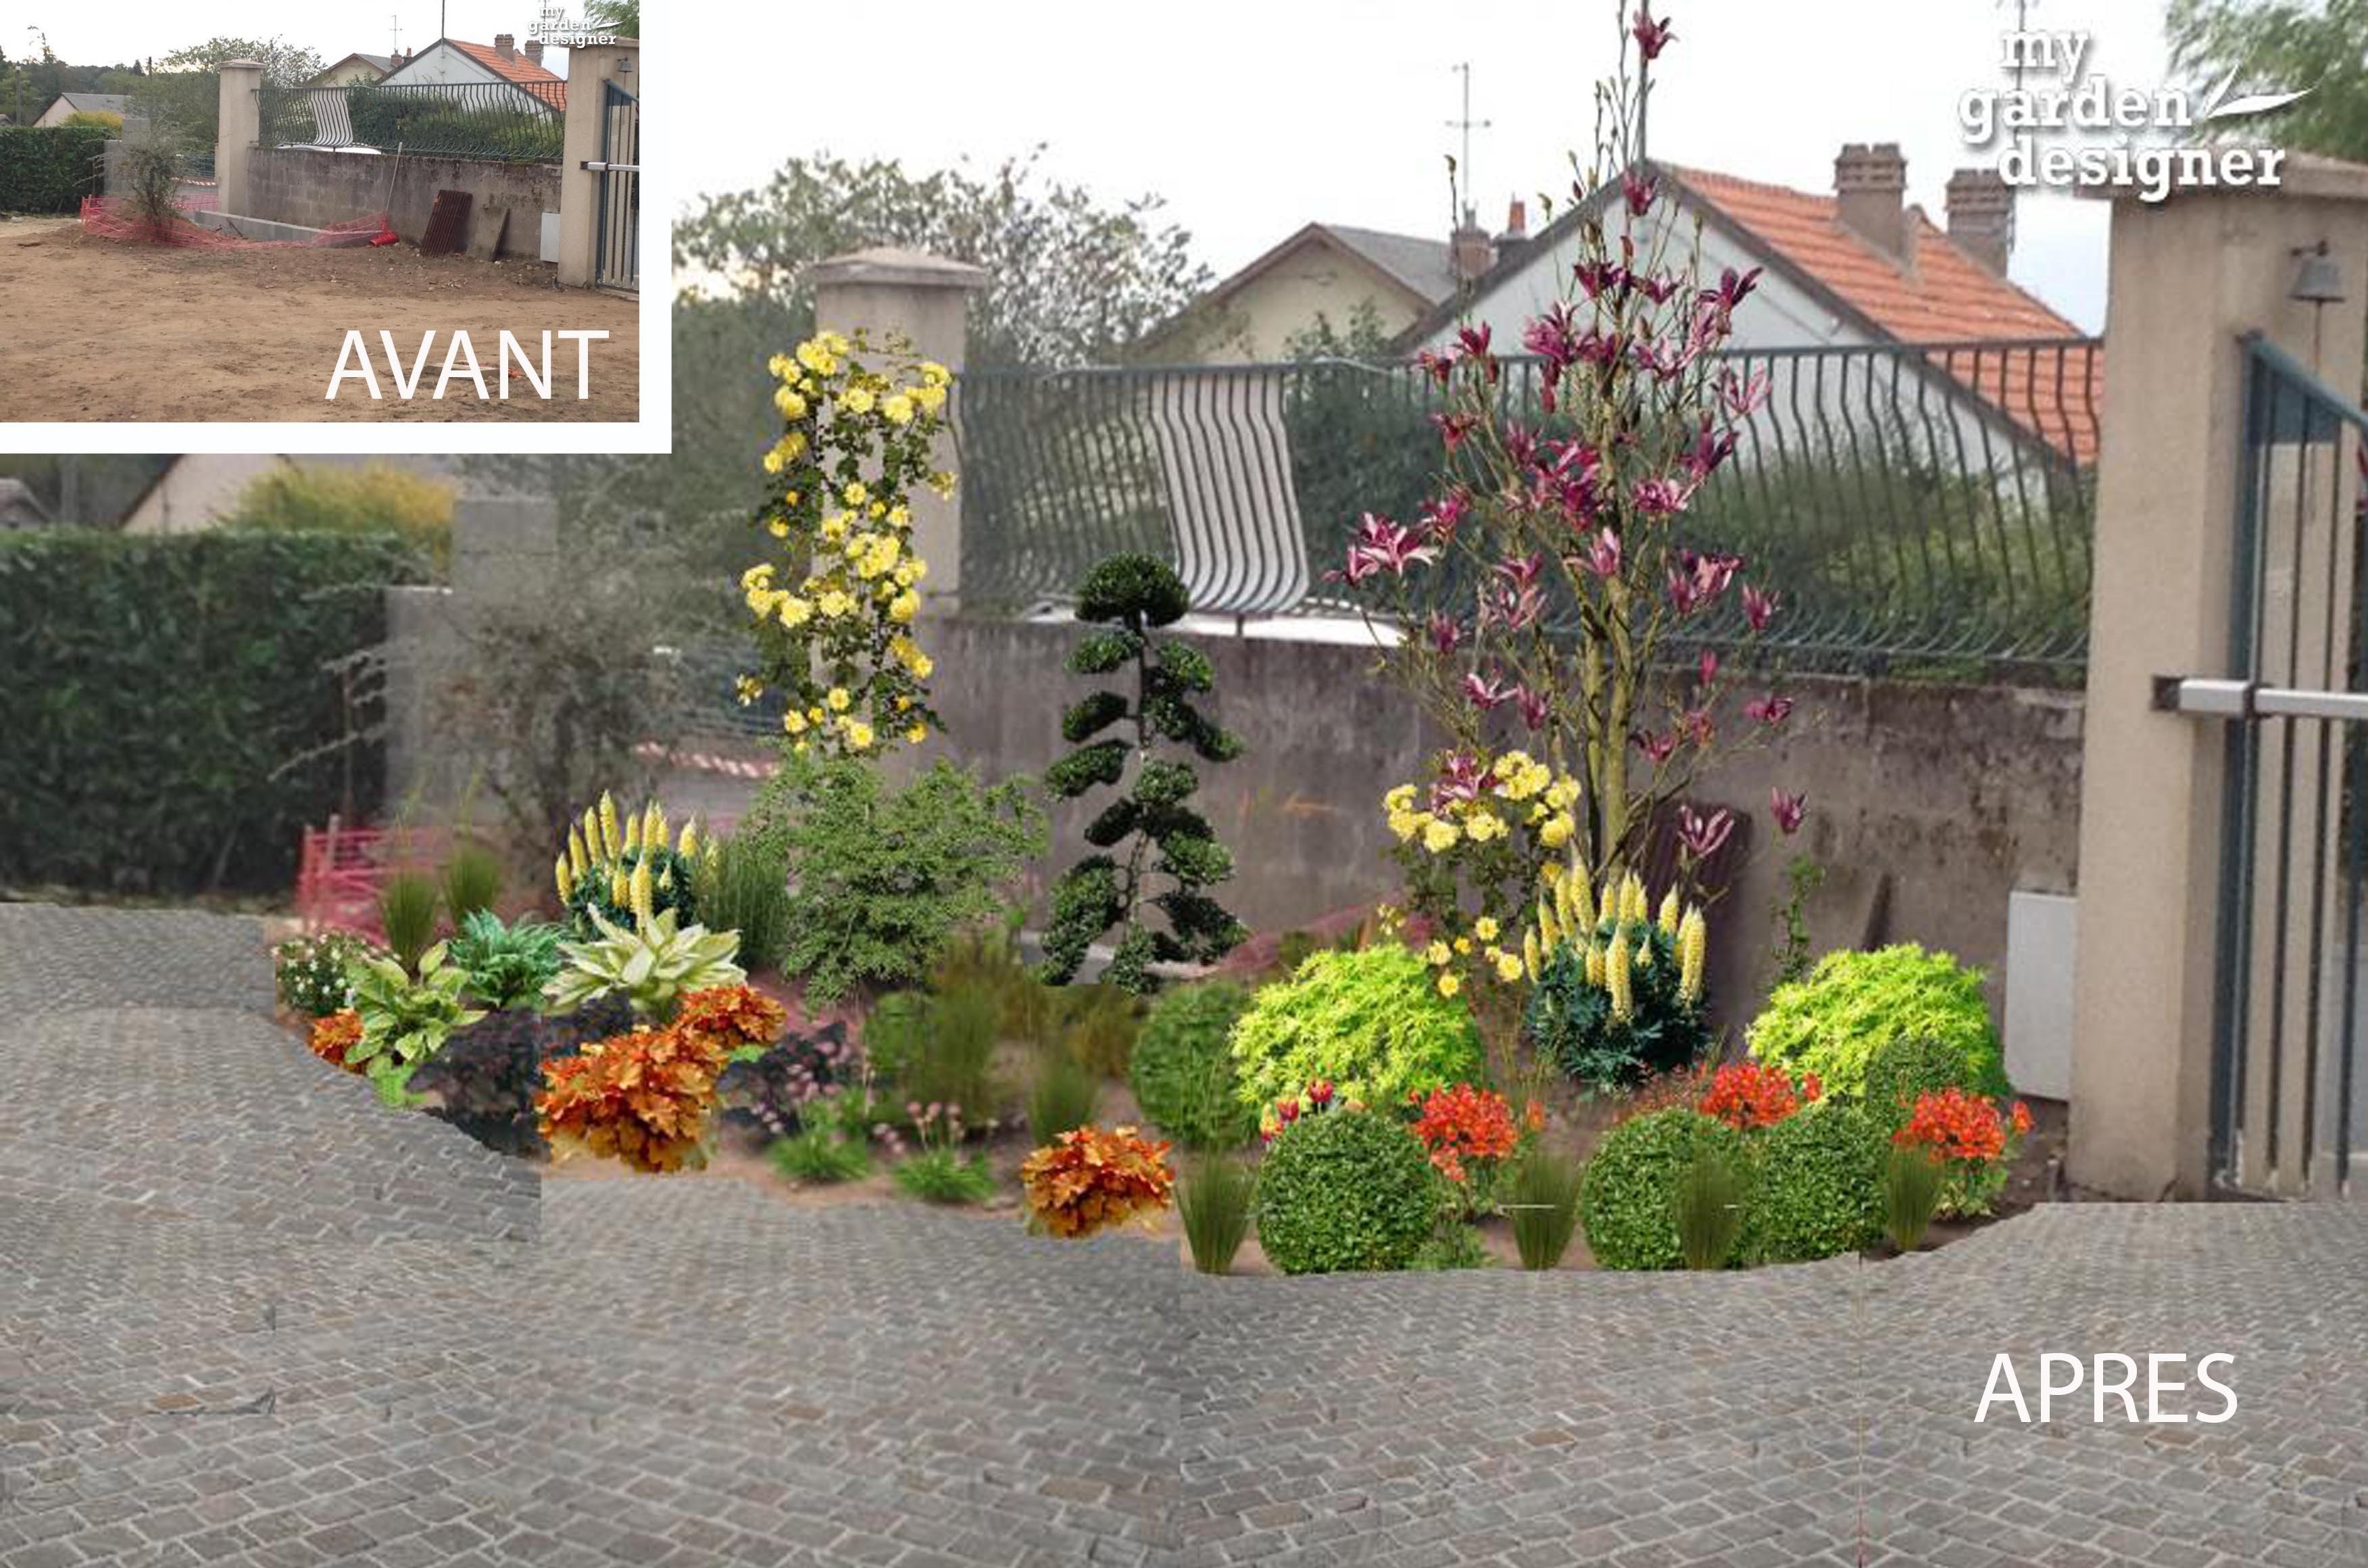 Am nagement de l entr e d un jardin classique monjardin for Jardin devant maison